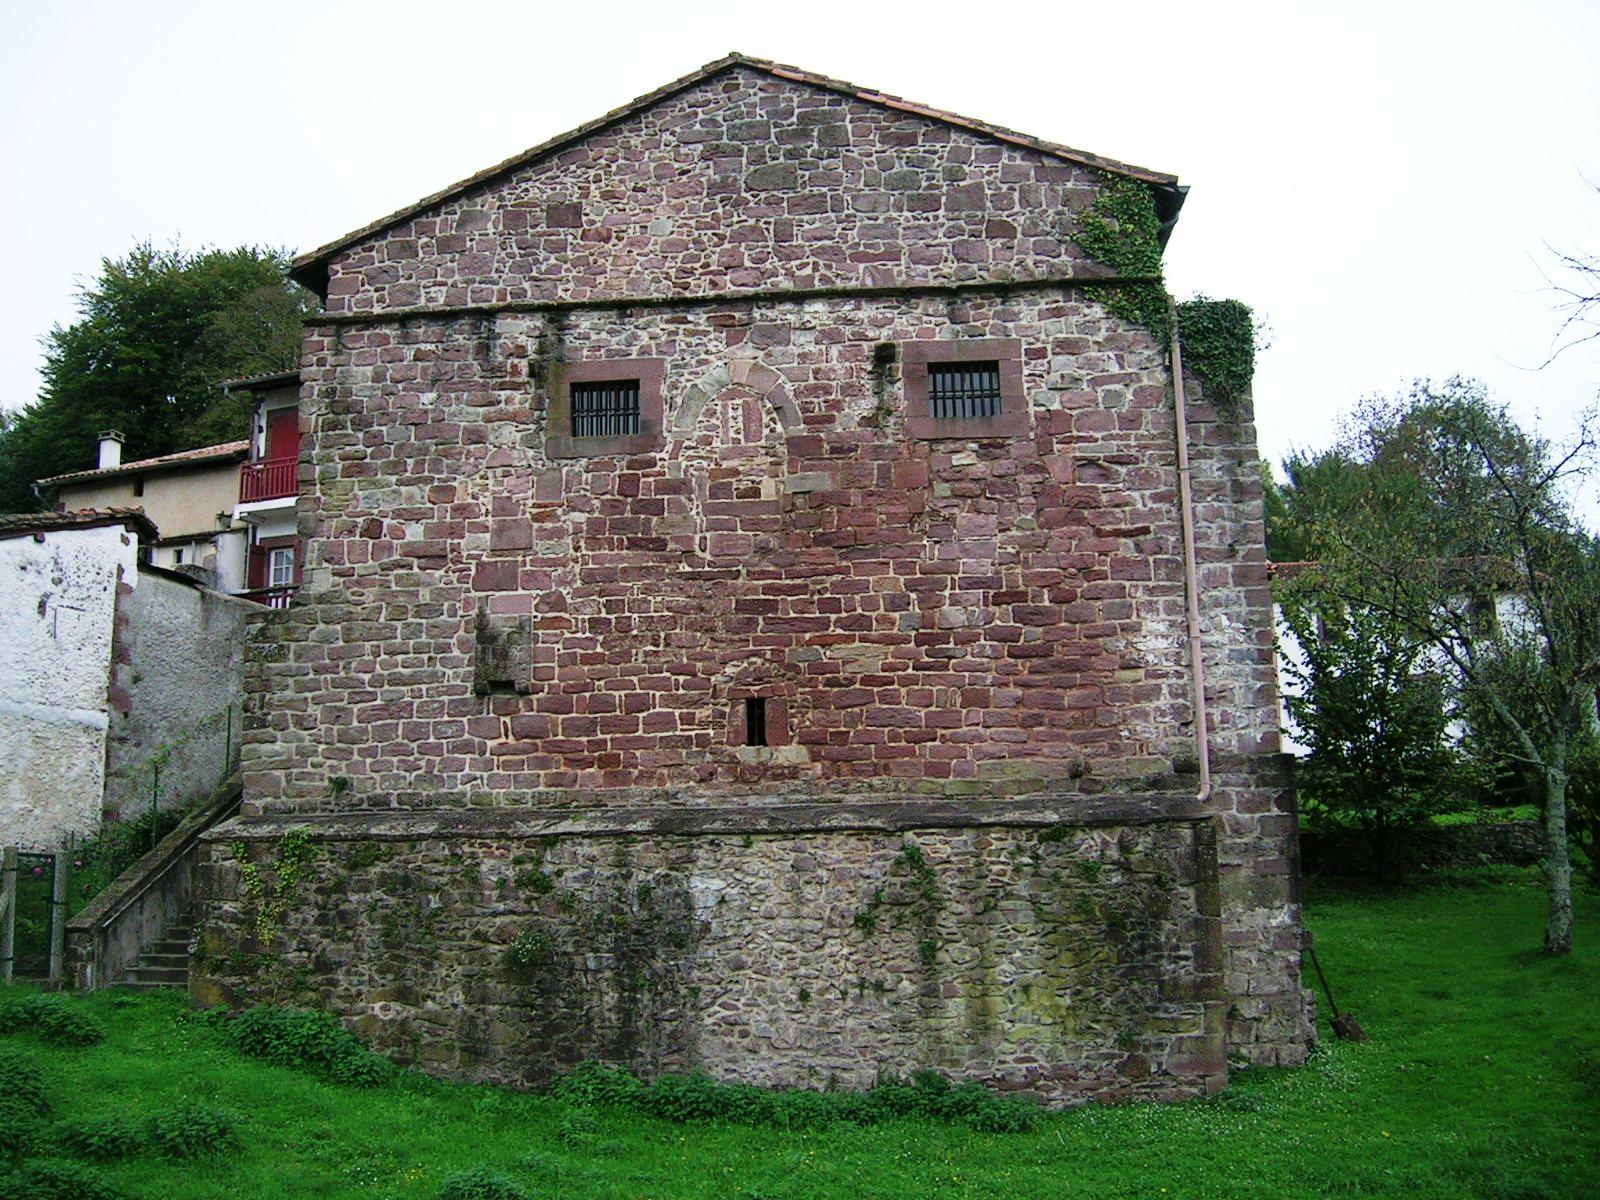 Saint jean pied de port france house architecture - Gites de france st jean pied de port ...